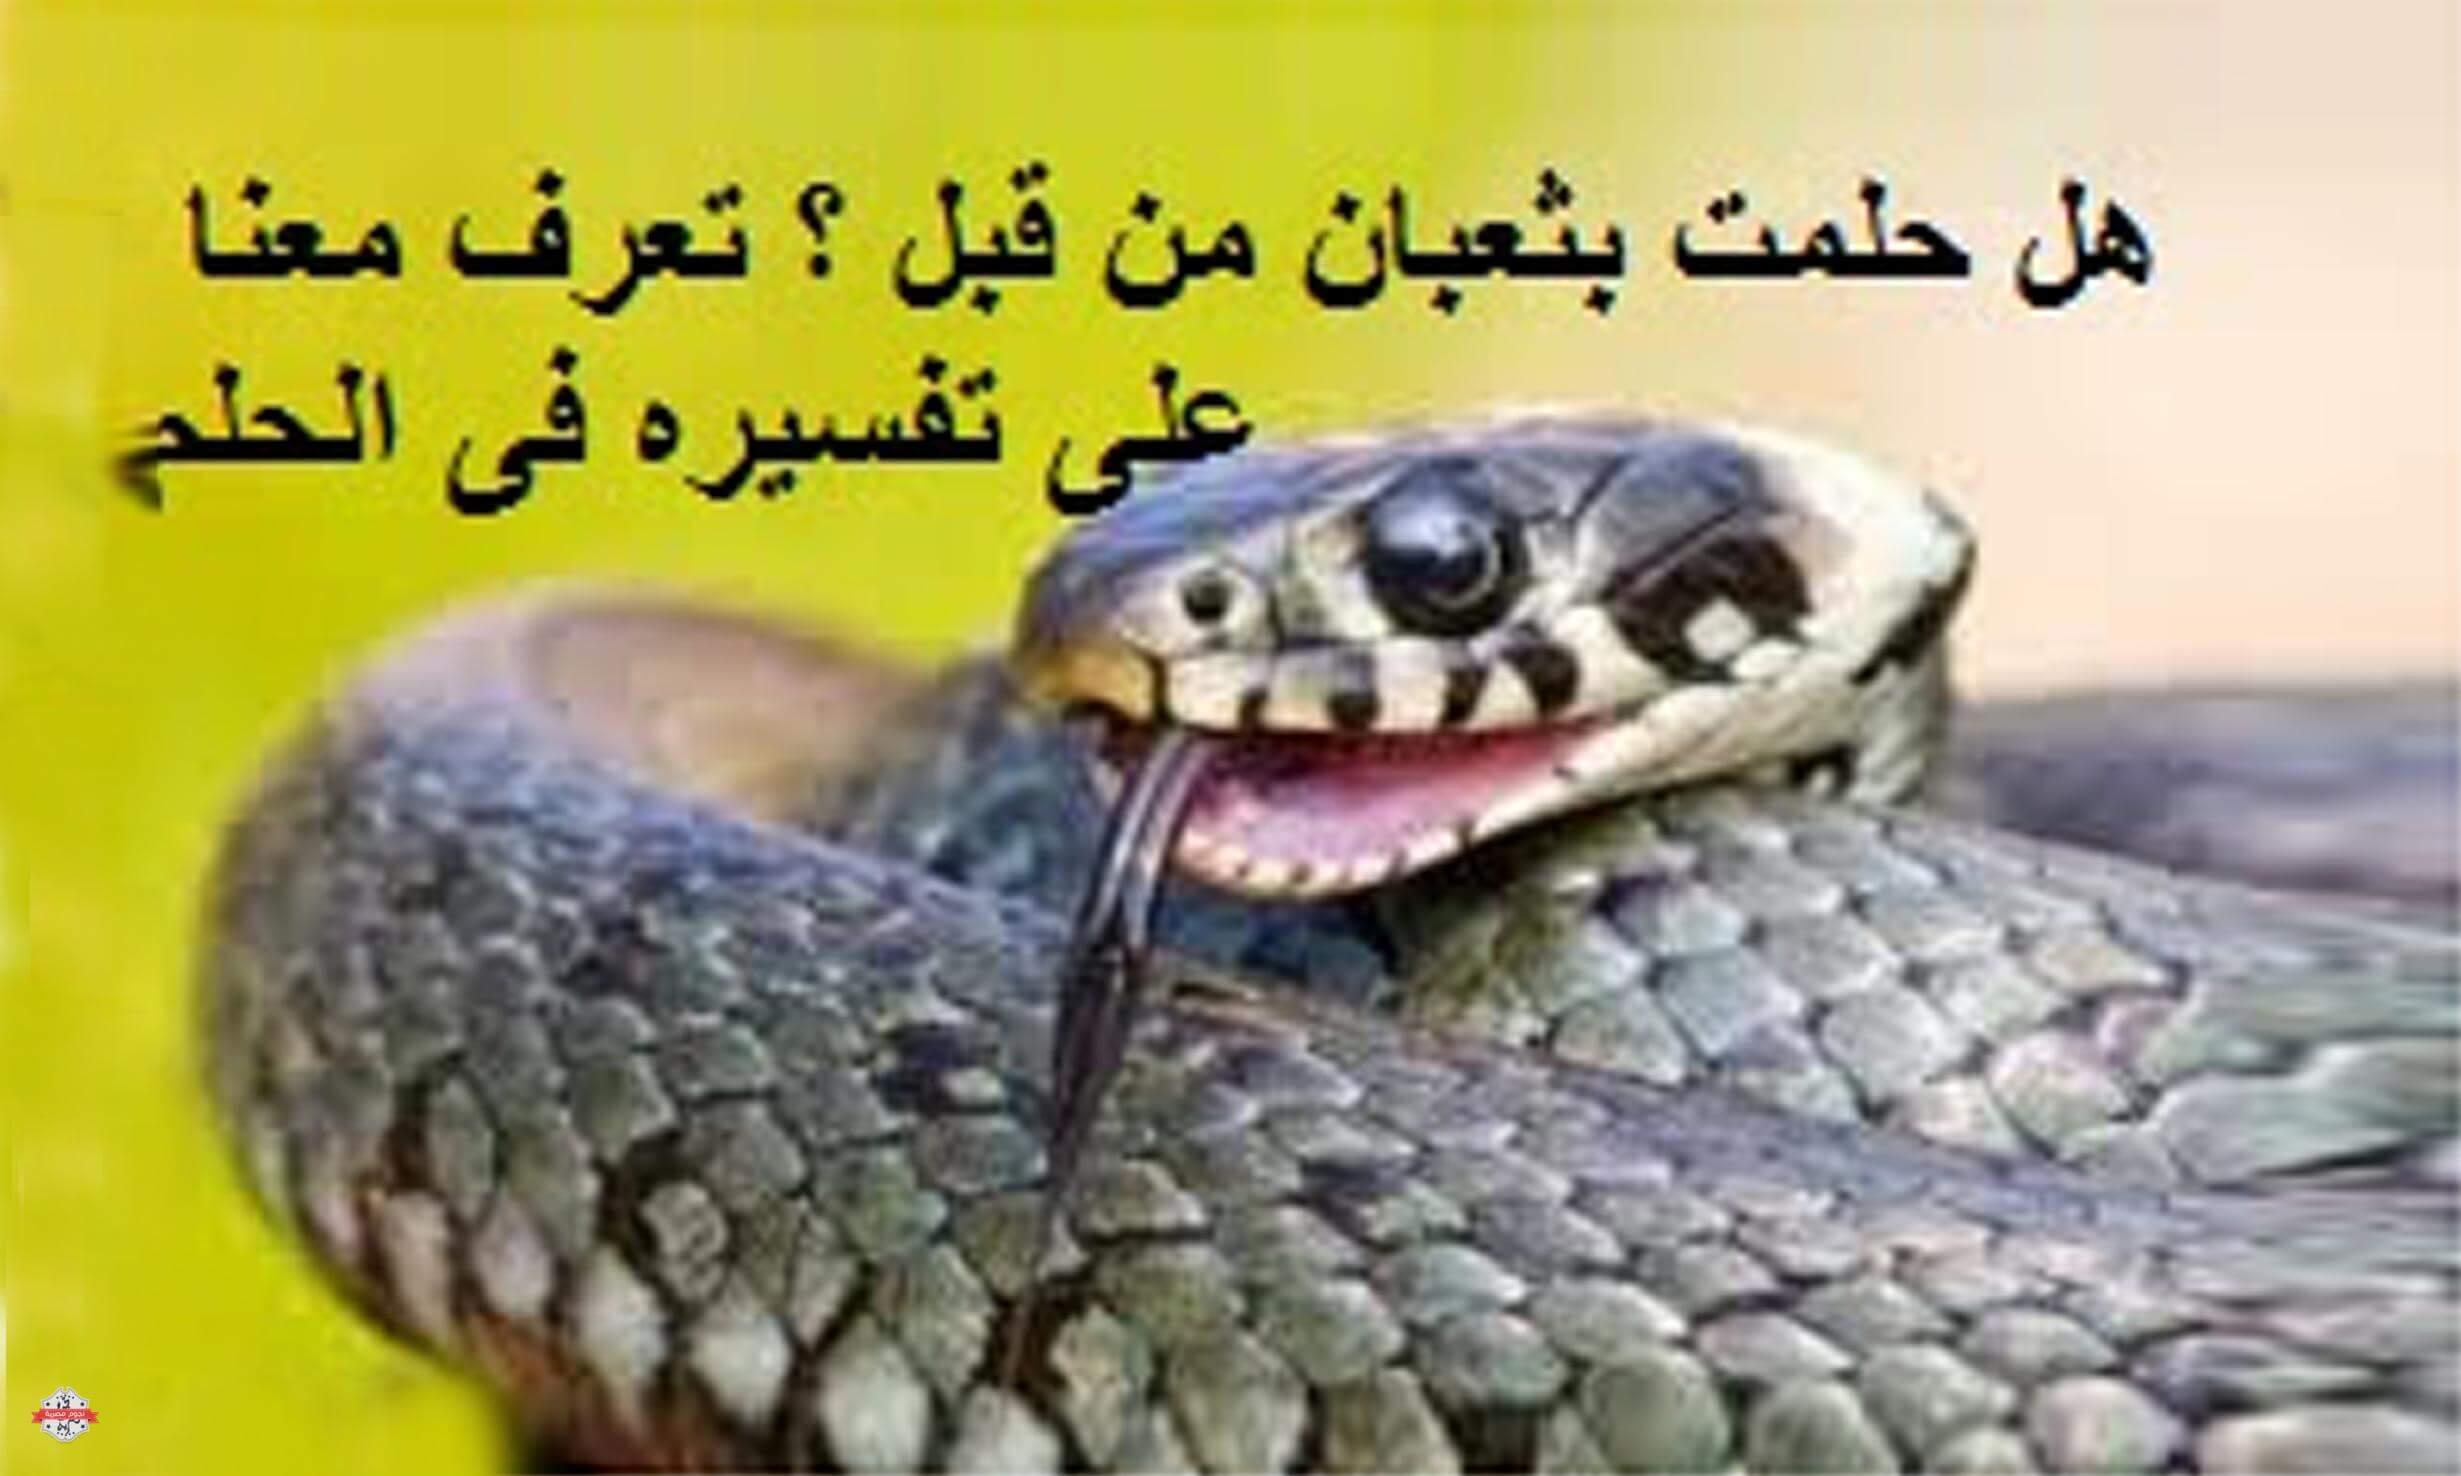 صور الثعابين في المنام , تفسير رؤية الثعبان ف الحلم